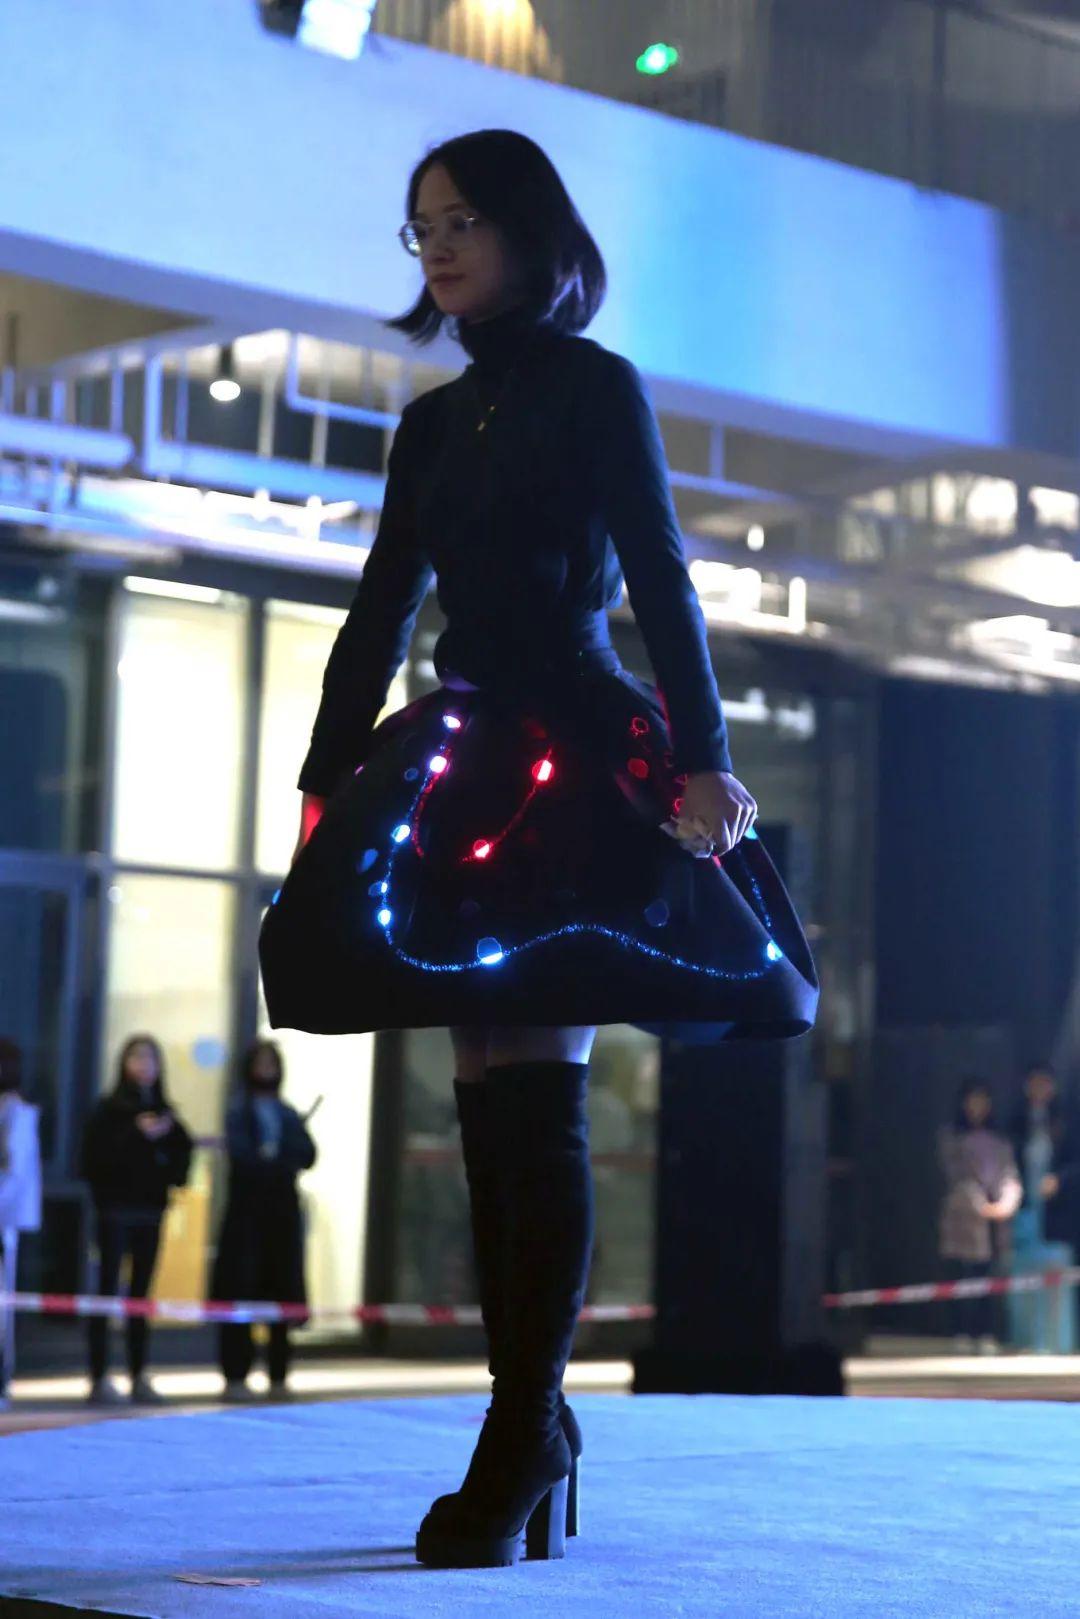 深国交2021 Fashion Show - 校园活动 疫情之下的时尚  深国交 深圳国际交流学院 第6张